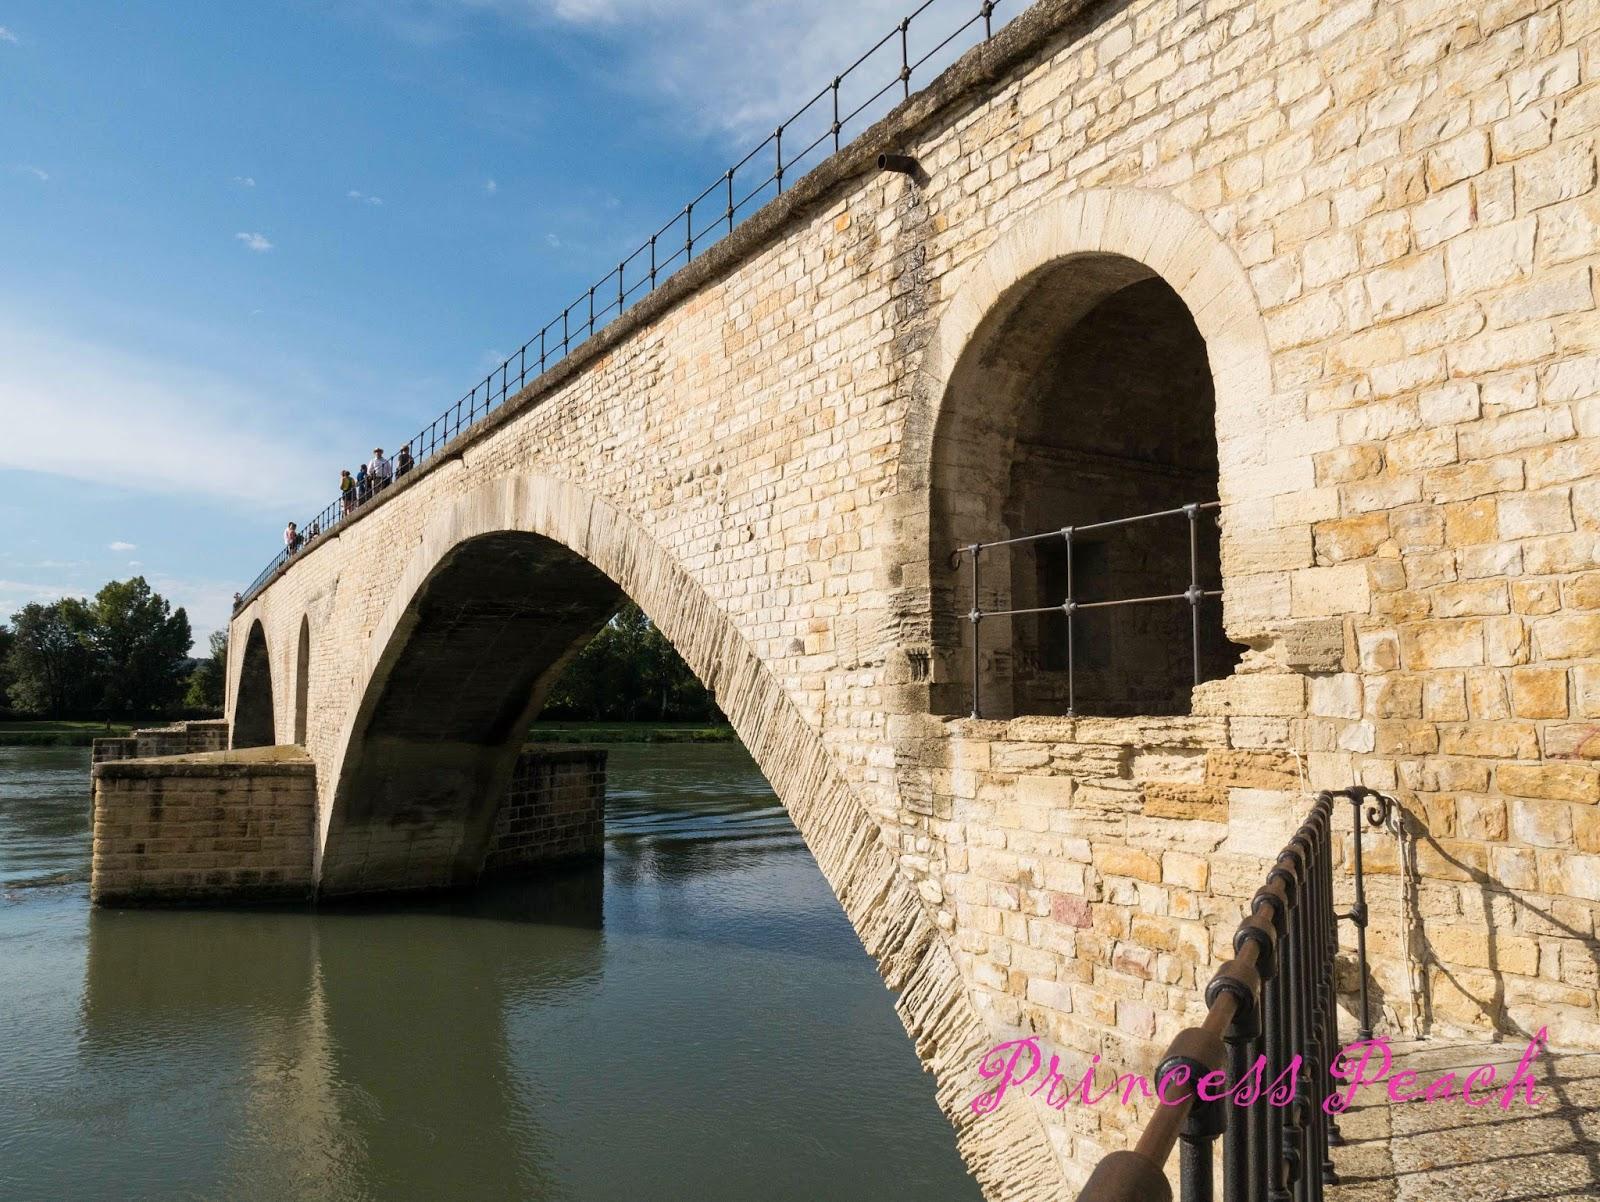 聖貝內澤橋-Le-Pont-Saint-Benezet